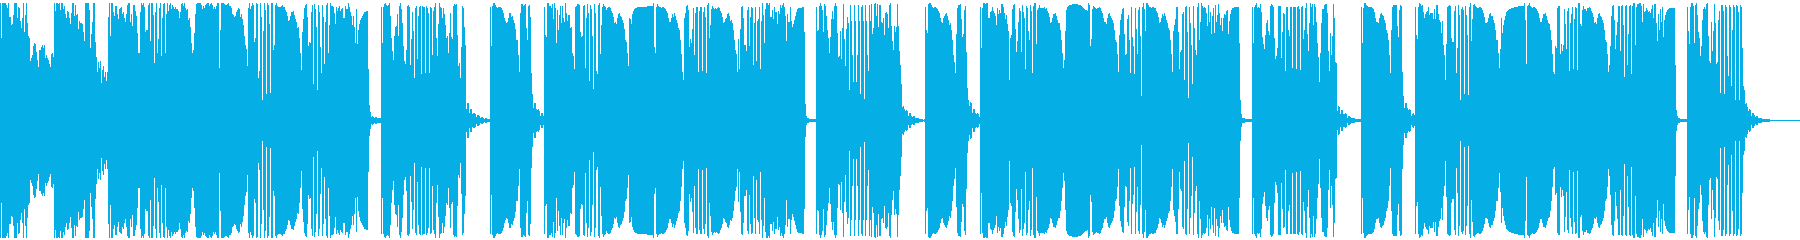 【アンビエント】ロング2、ショート2の再生済みの波形